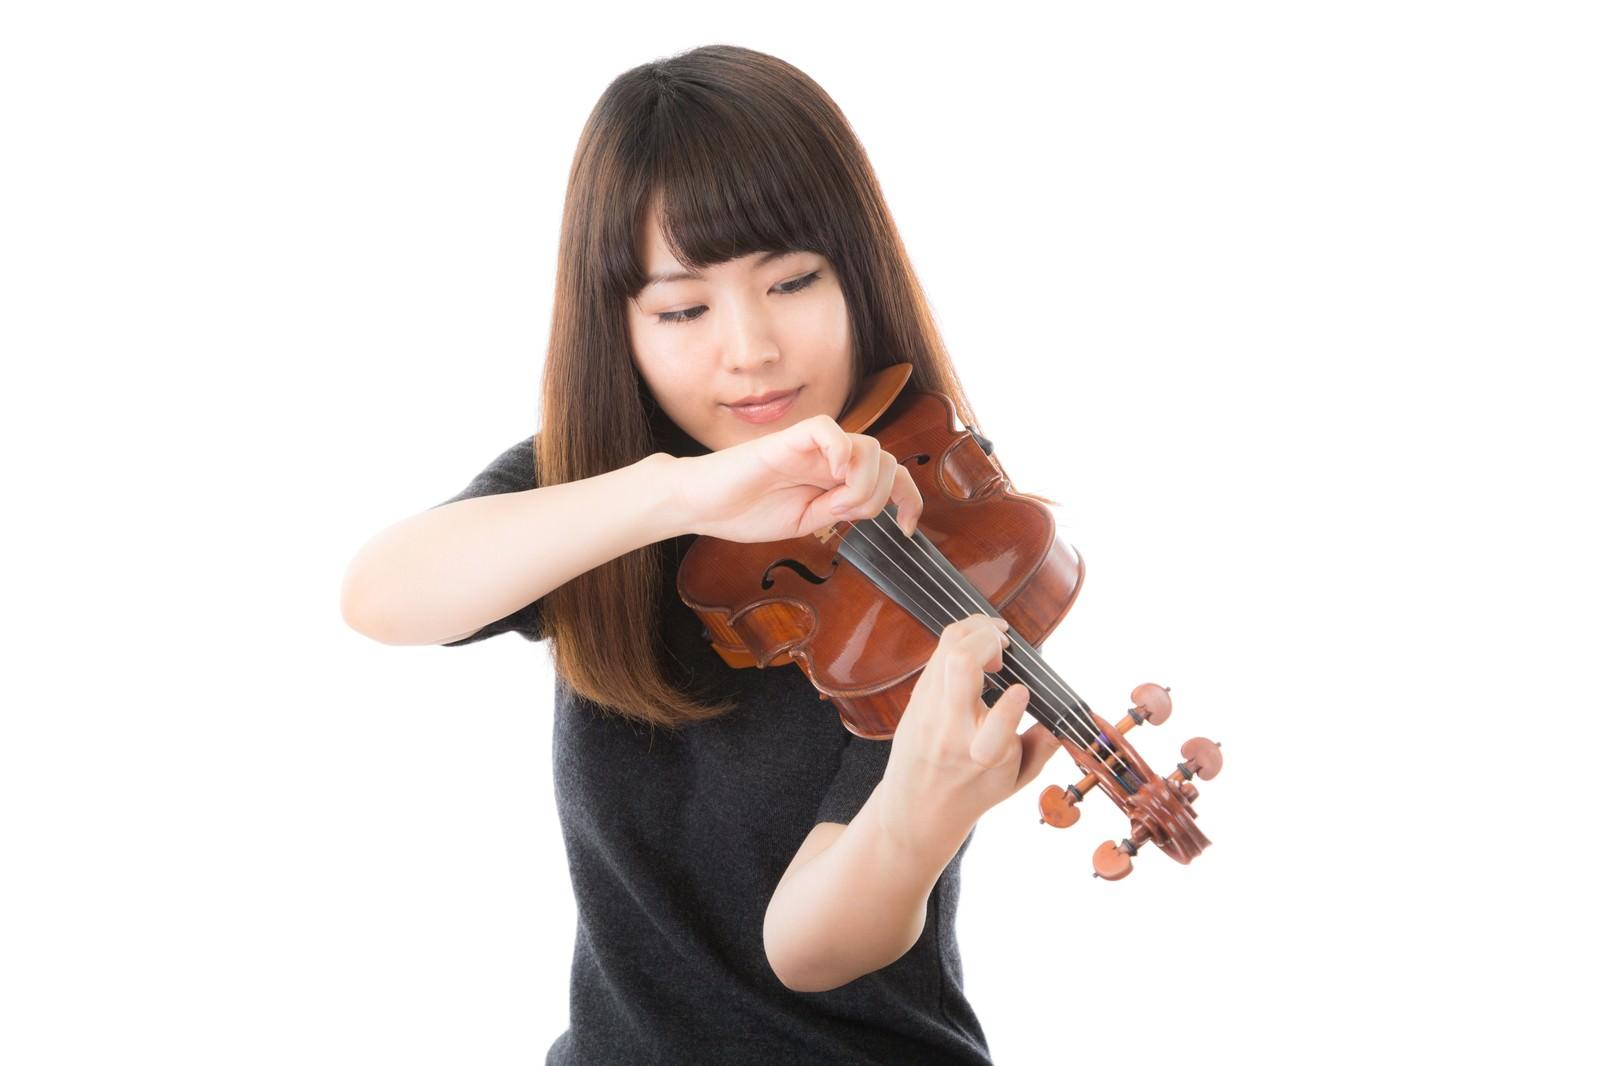 「ピッチカート奏法」の写真[モデル:yukiko]